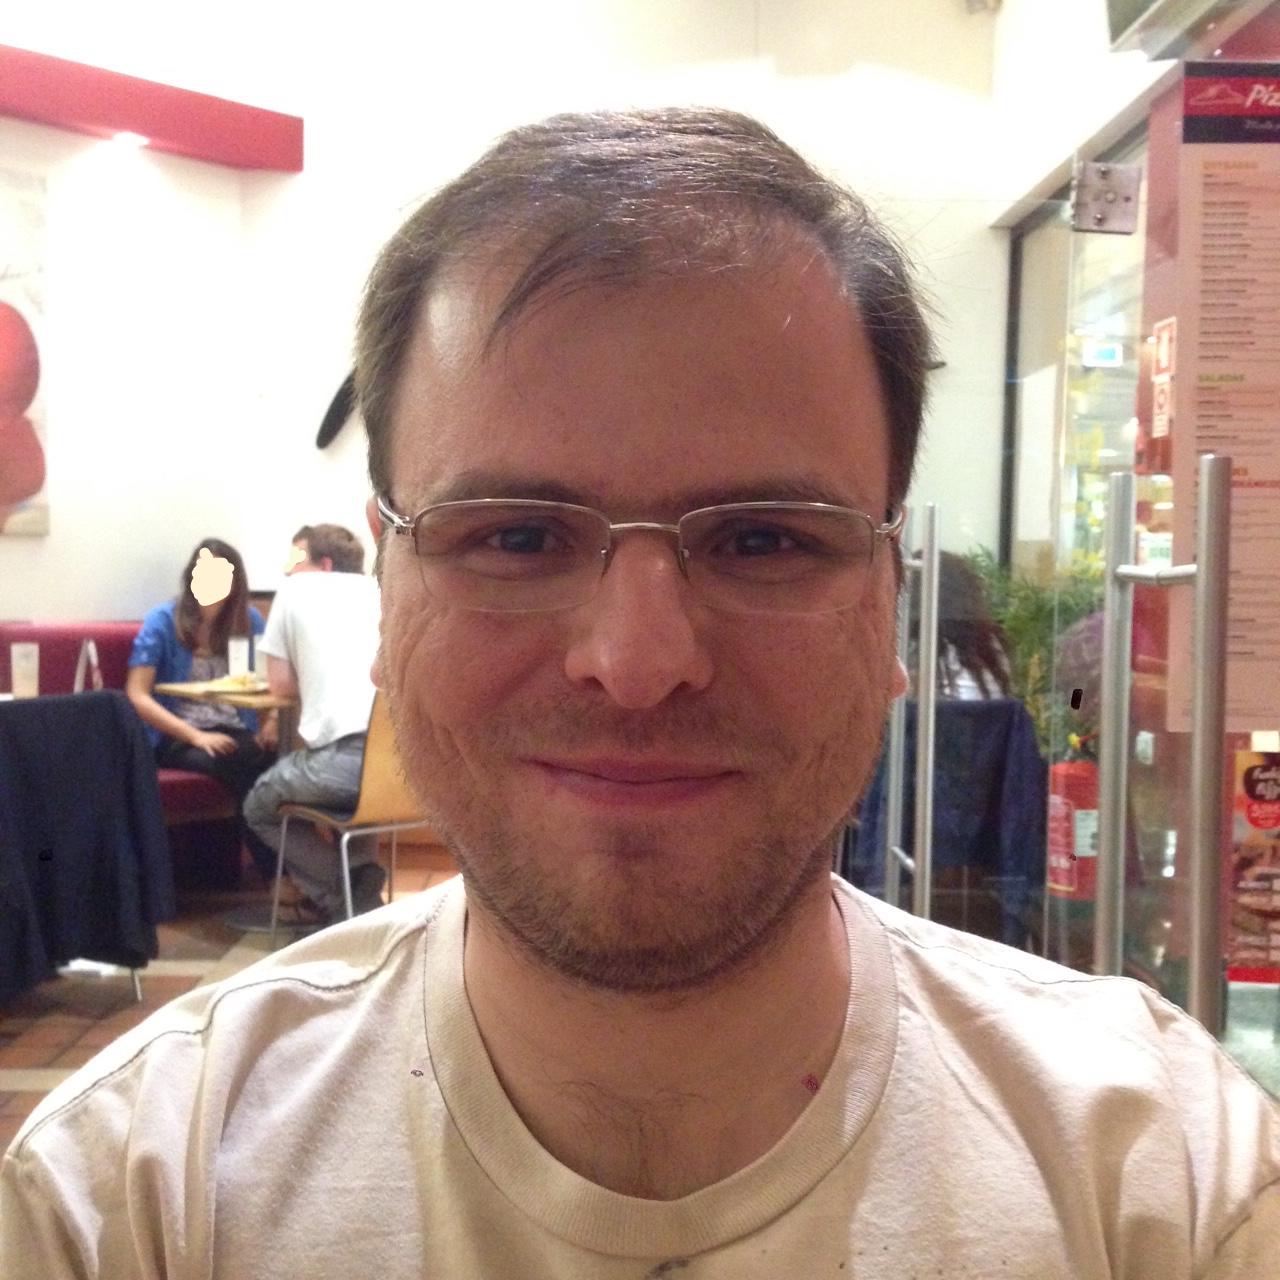 http://www.di.fc.ul.pt/~bessani/me.jpg